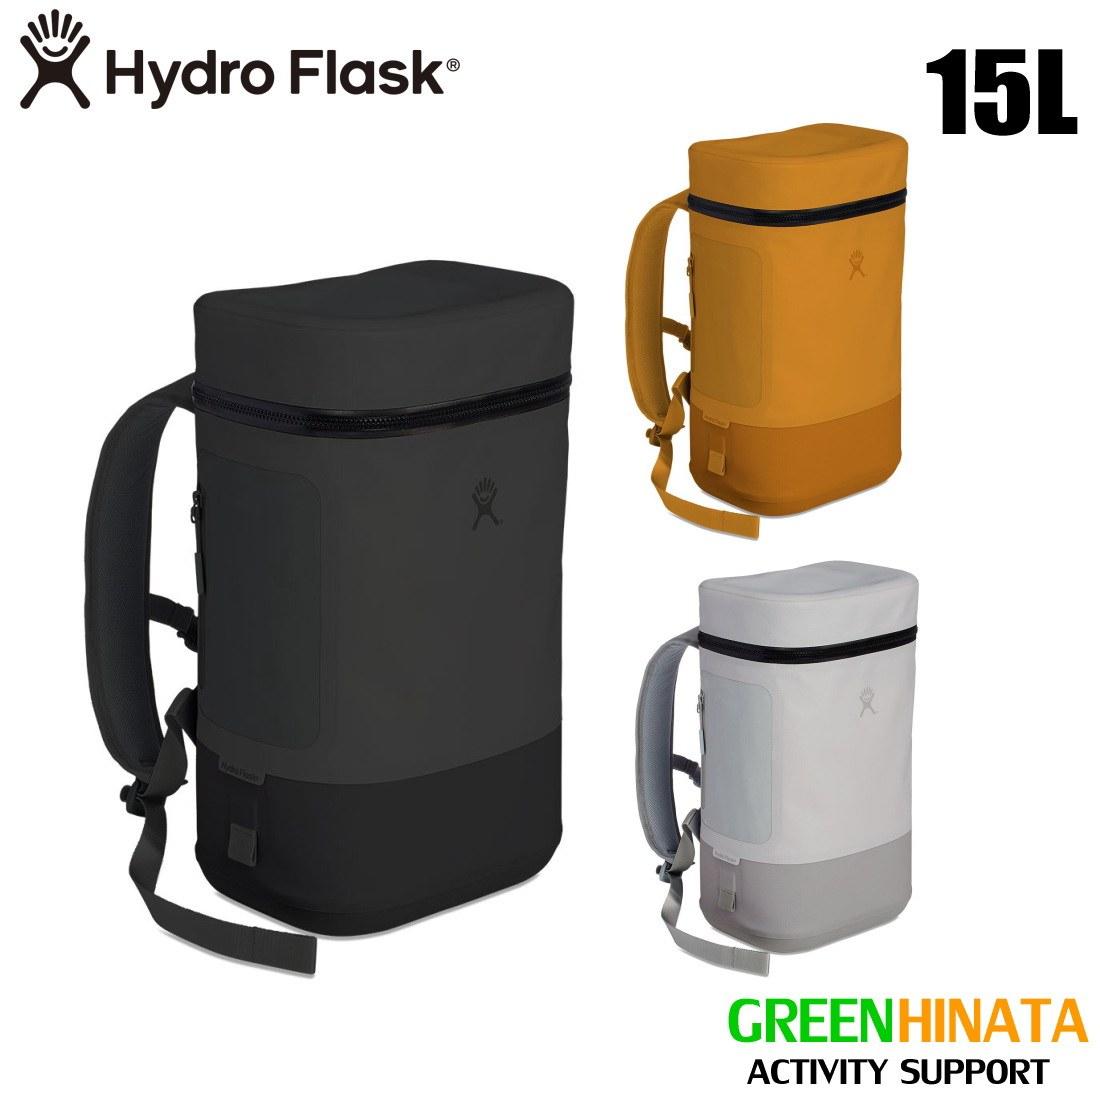 【国内正規品】 ハイドロフラスク ソフトクーラーバック 15L 保冷バック リュック HydroFlask Soft Cooler Pack 15L